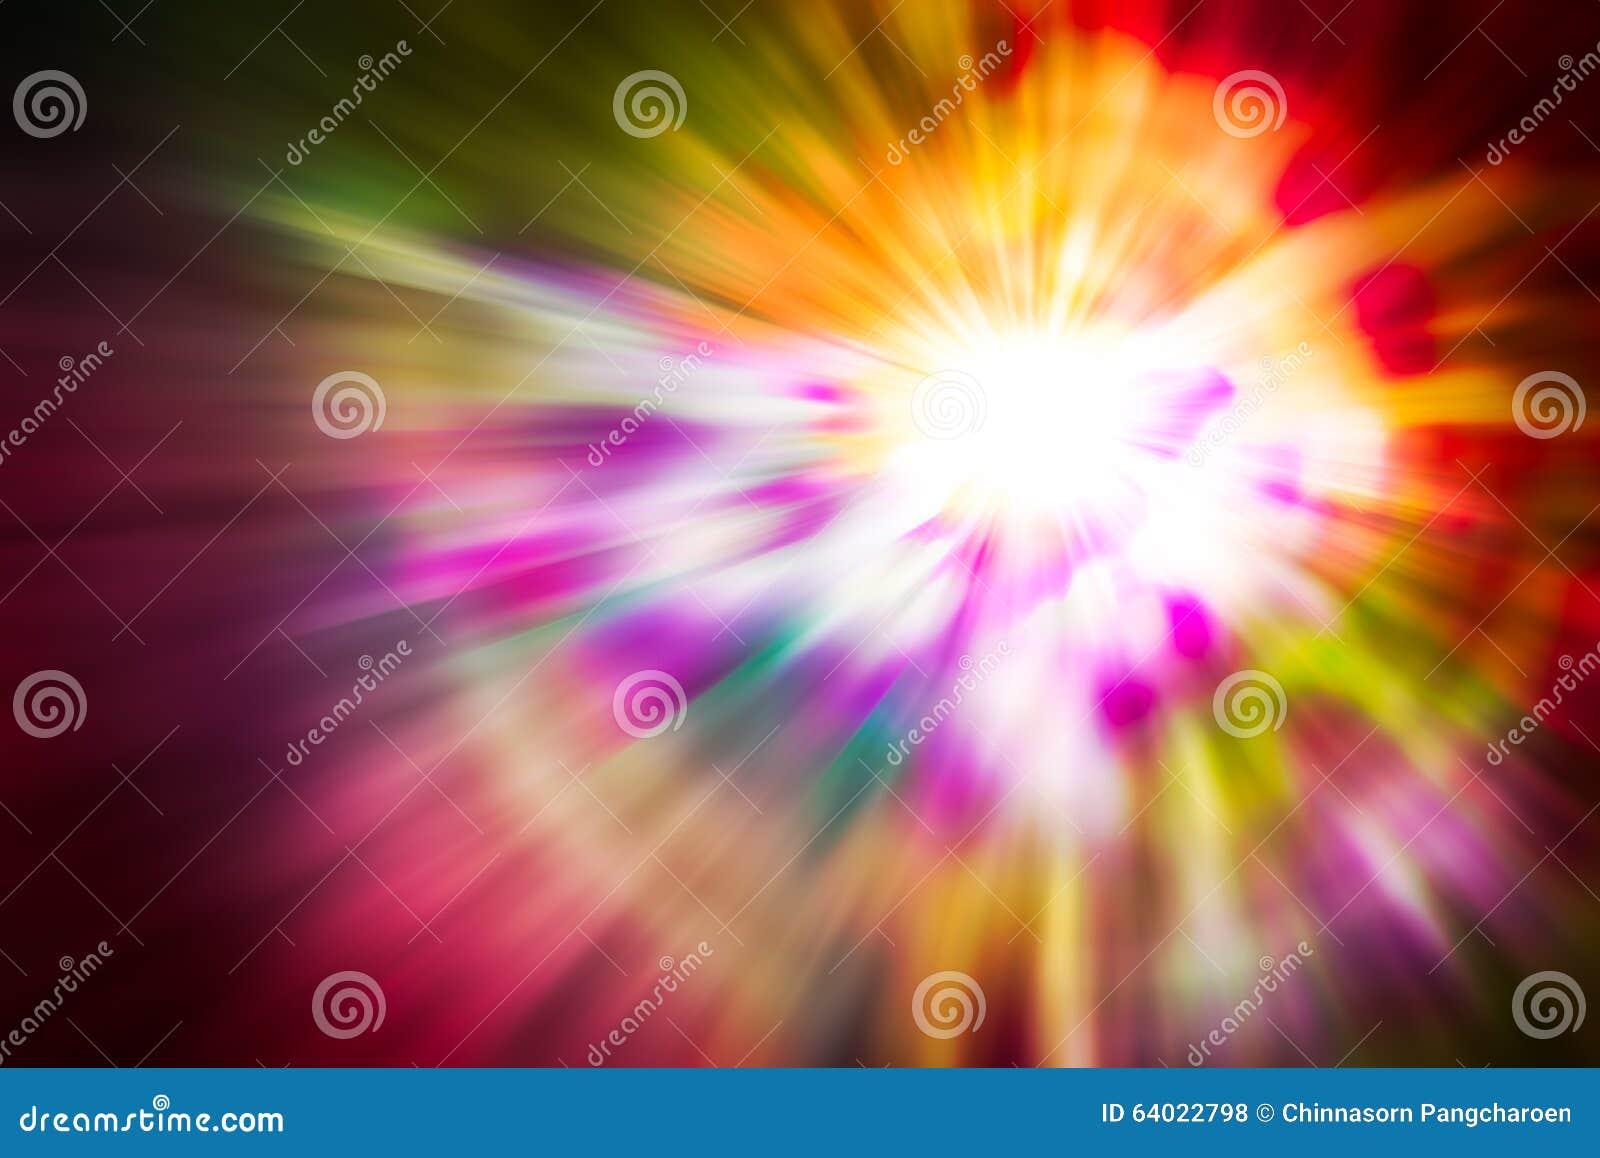 Fondo abstracto de la luz del movimiento